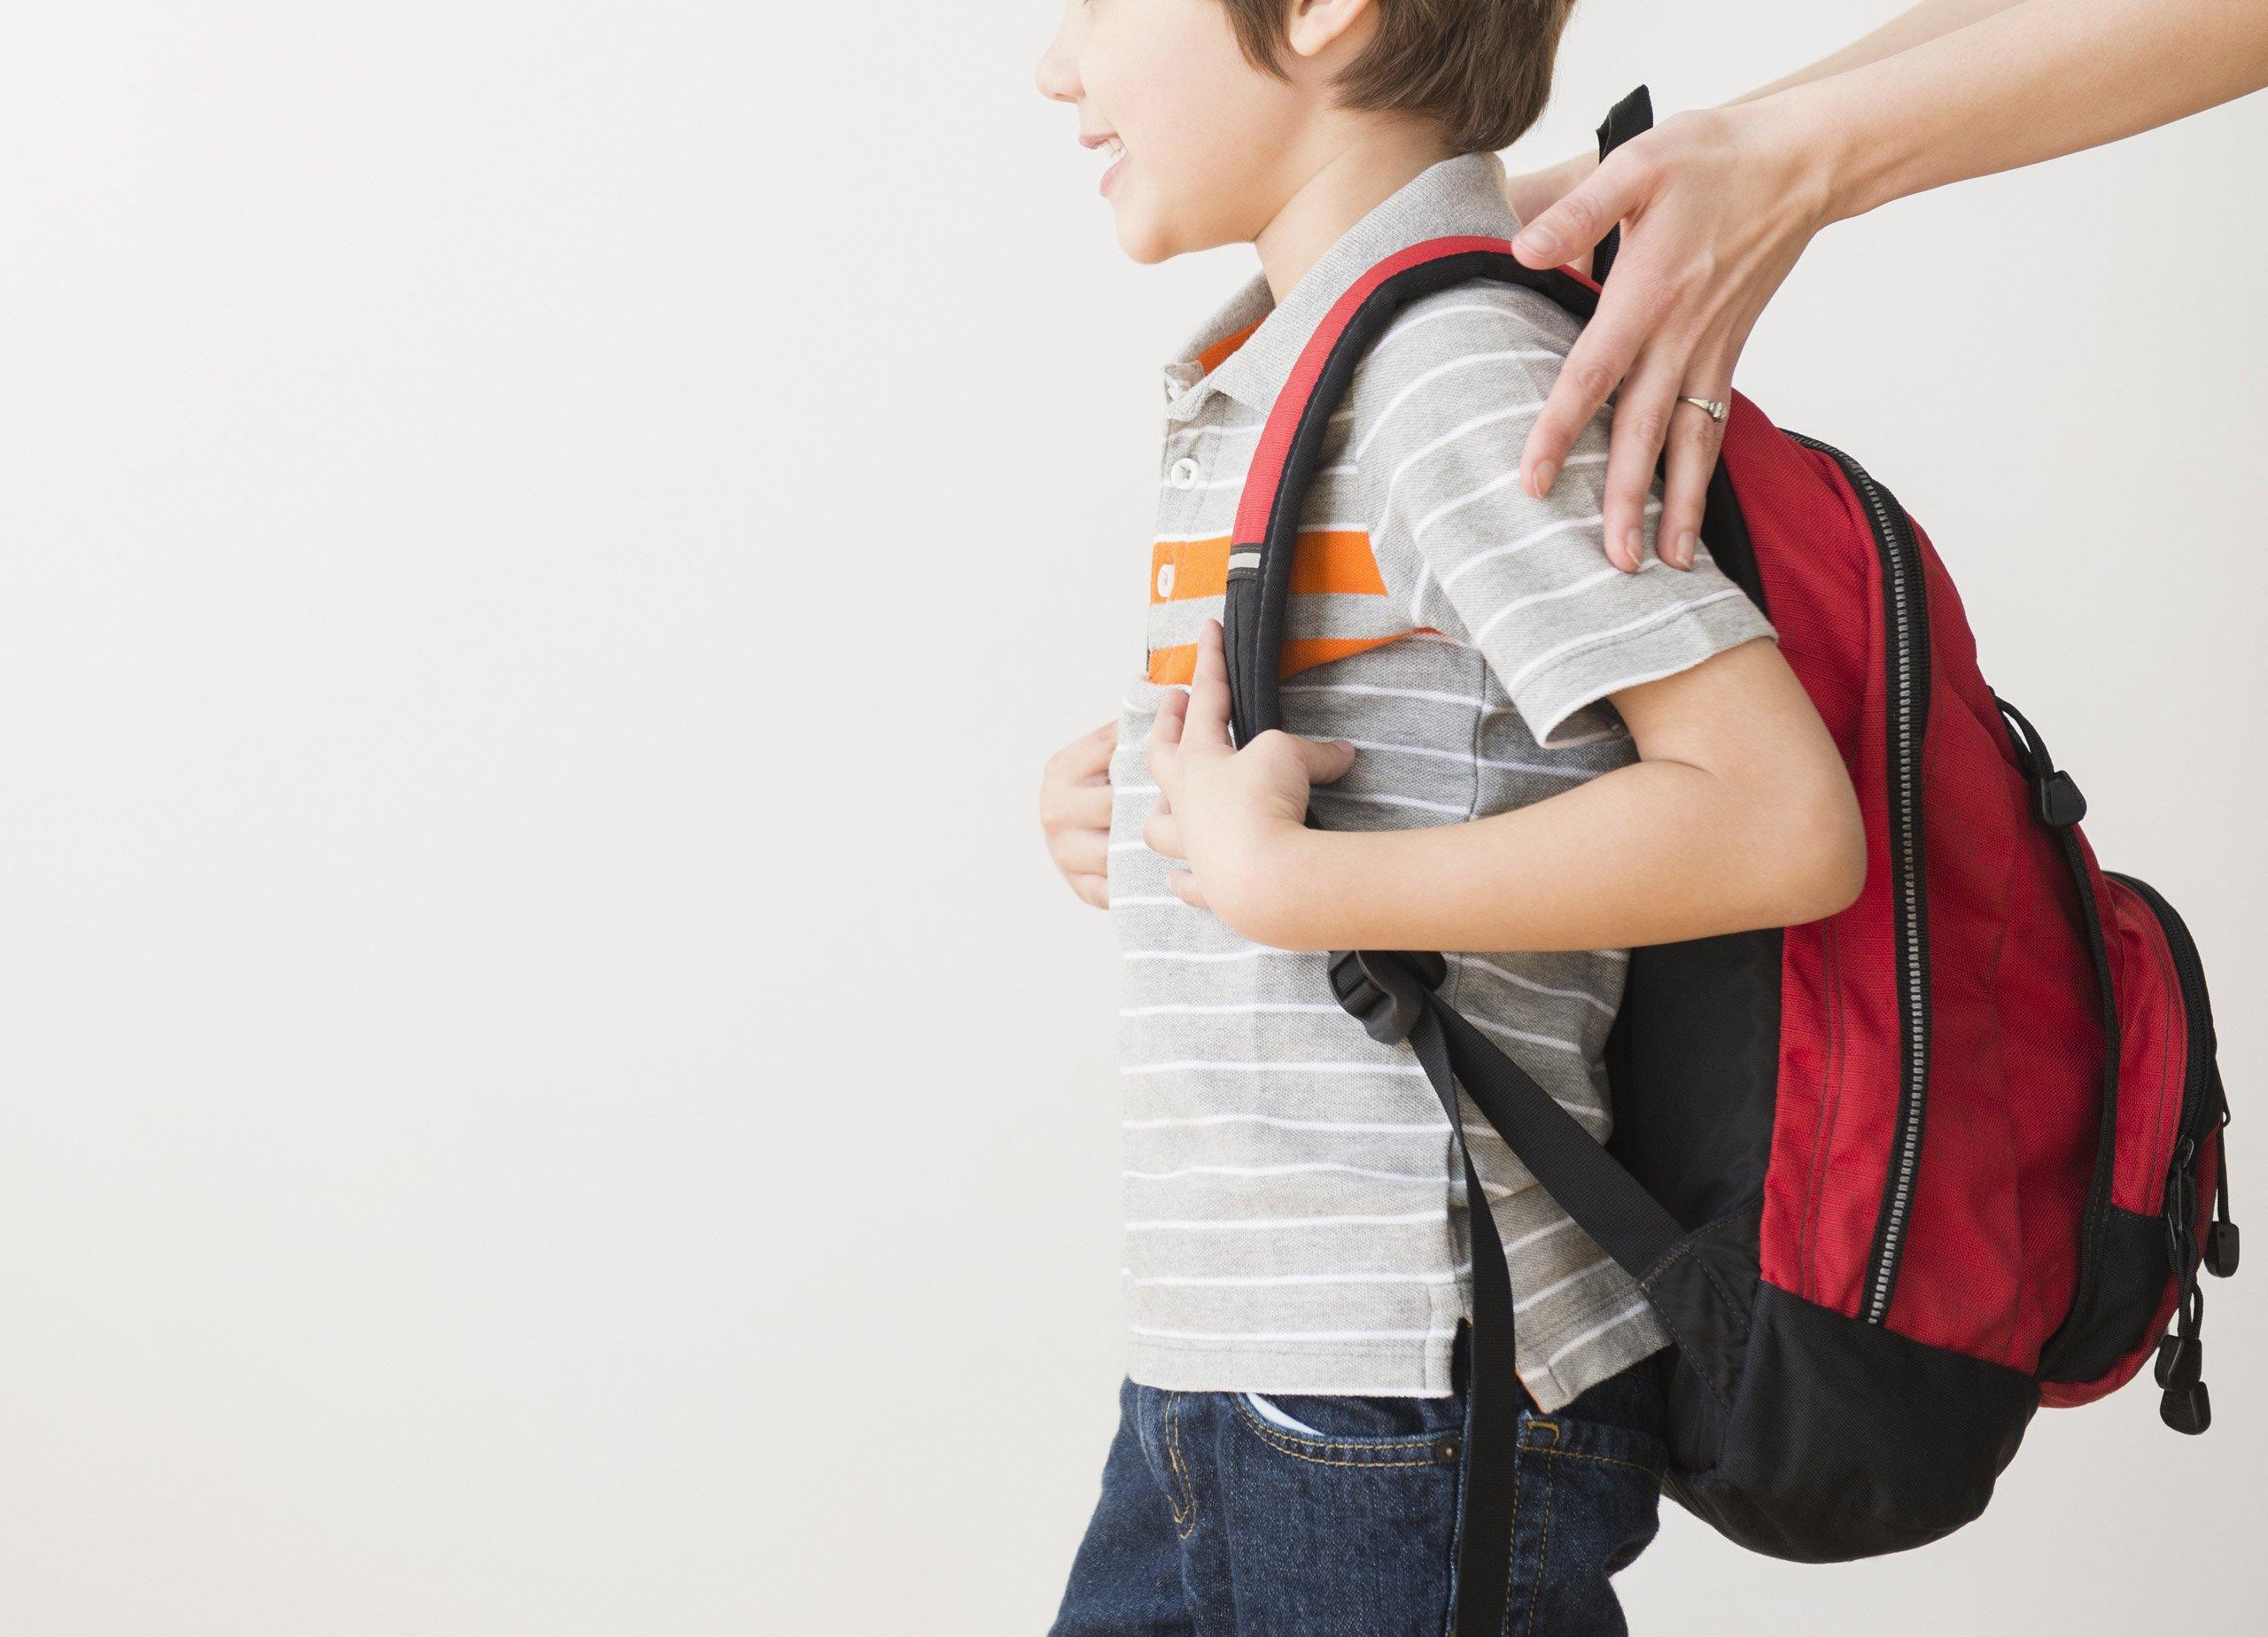 pilih tas yang menjaga postur tubuh anak prelo.com